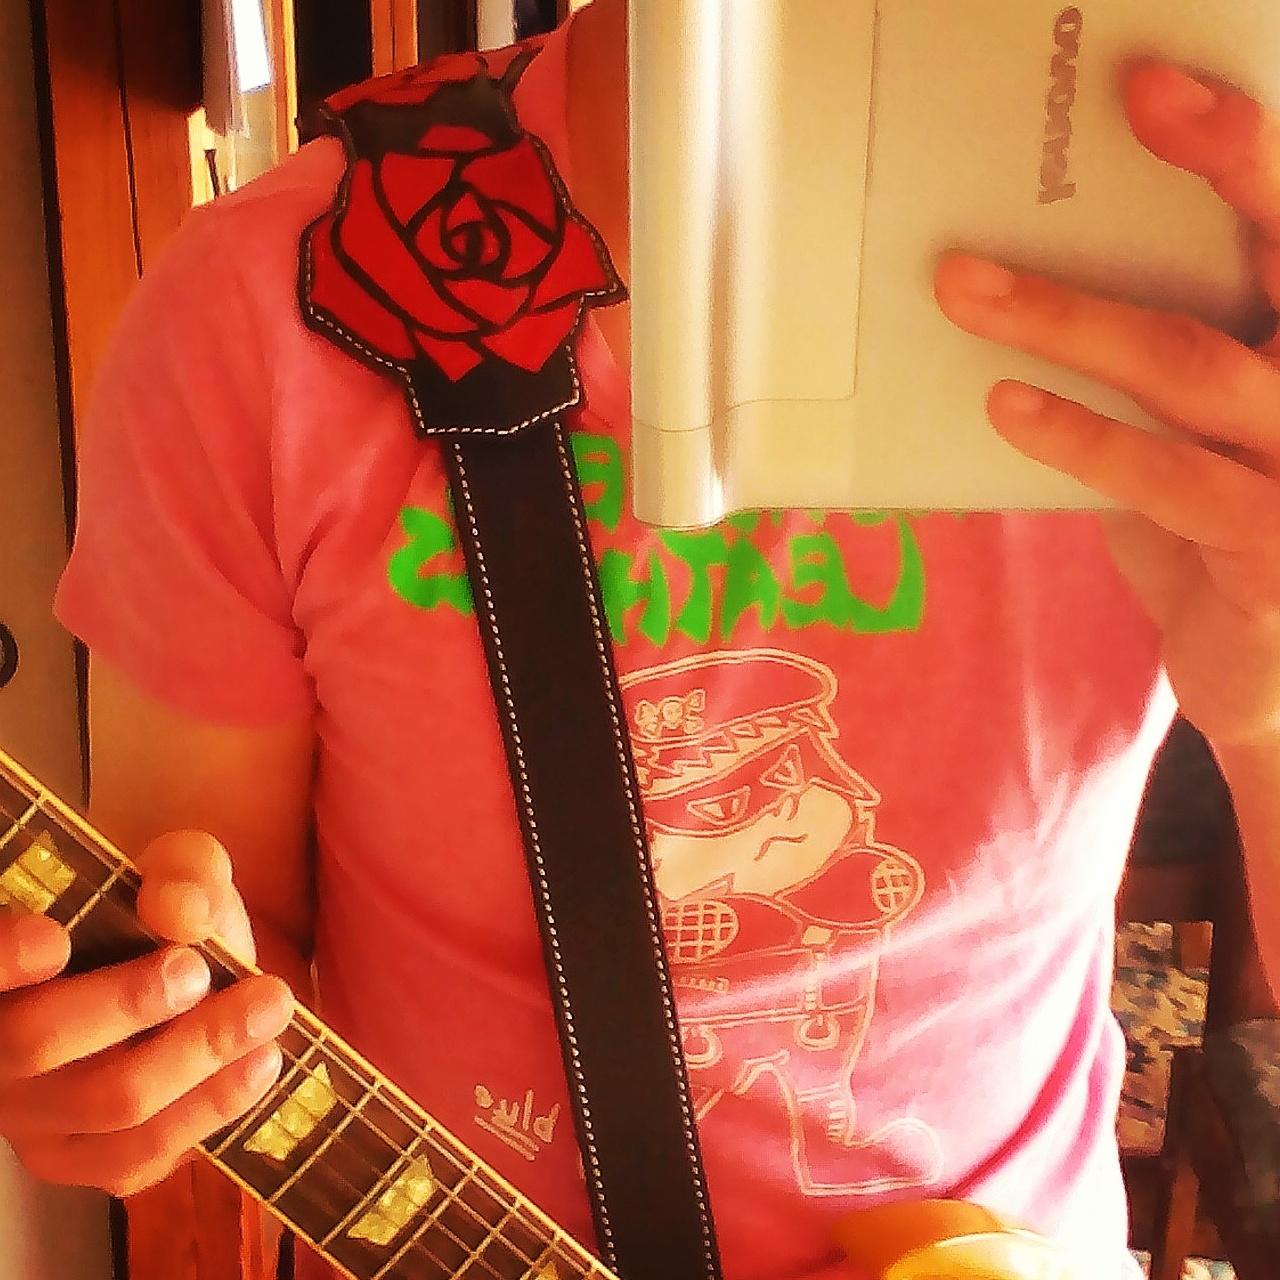 ネガティブレザーズが製作した、オーダーメイドギターストラップです。薔薇をモチーフにしています。\(^